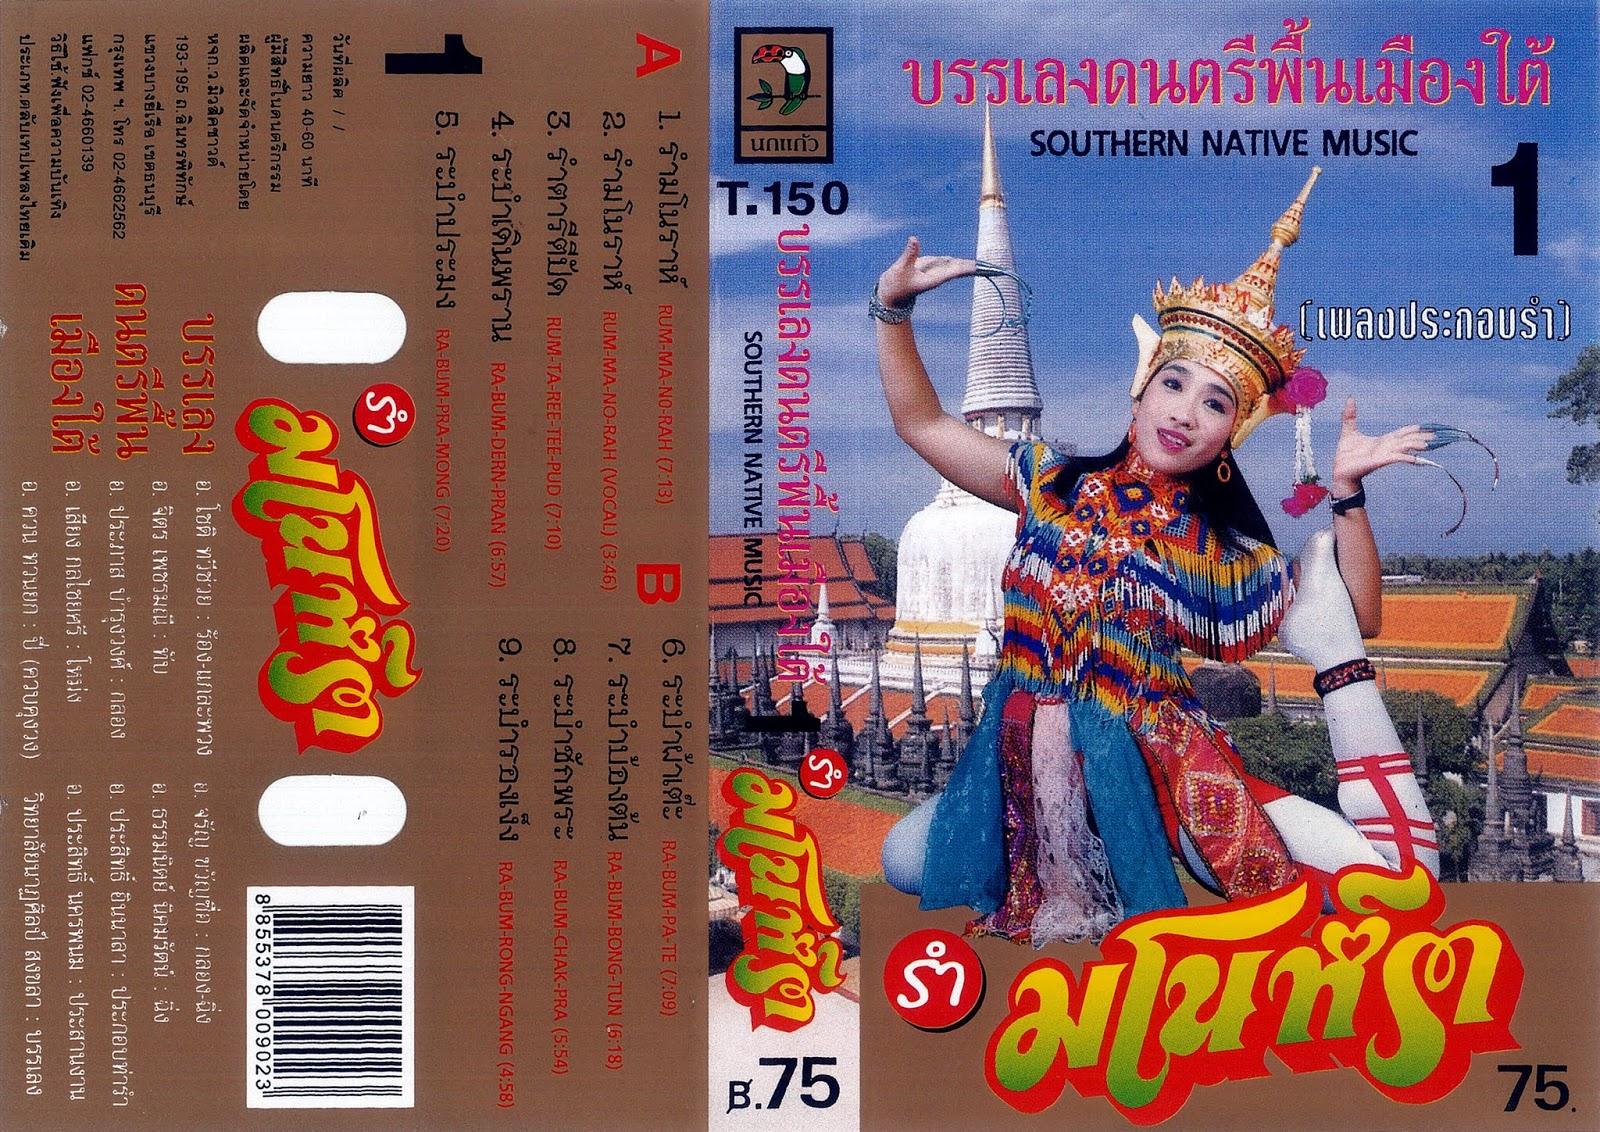 01 ram manora (banleng dontri phuen mueang tai, vol. 1).jpg